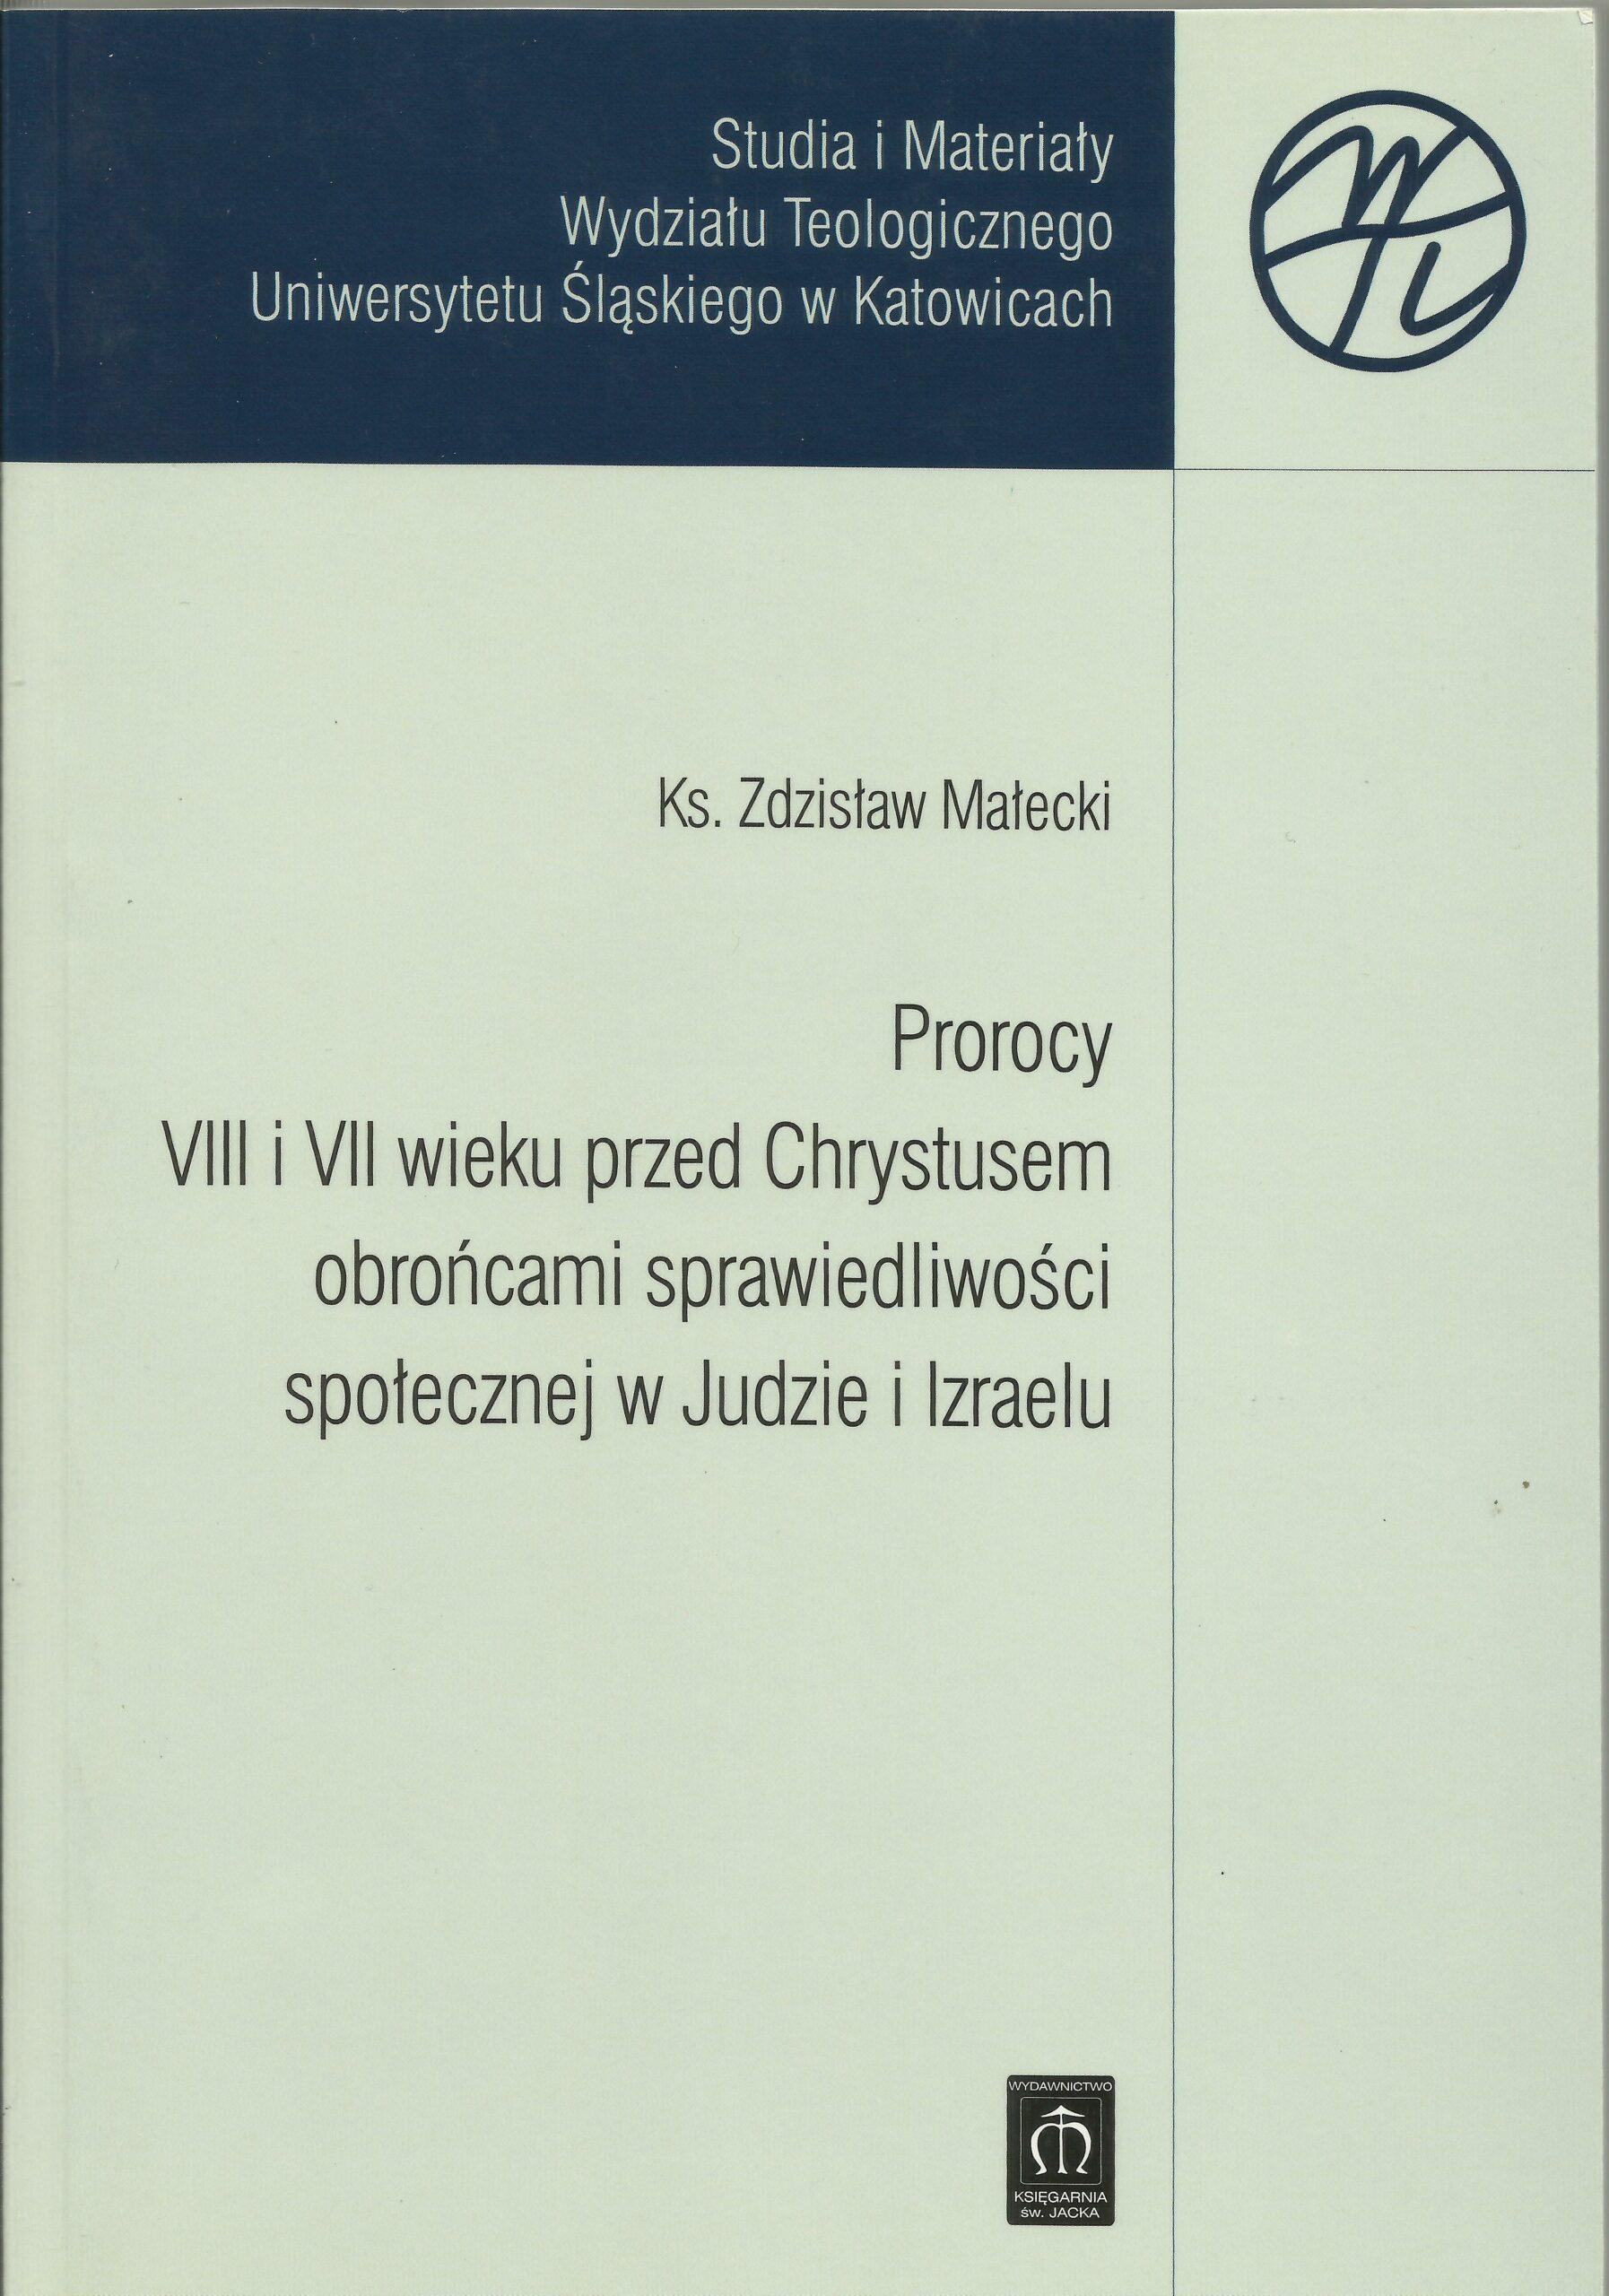 Prorocy VIII i VII wieku przed Chrystusem obrońcami sprawiedliwości społecznej w Judzie i Izraelu